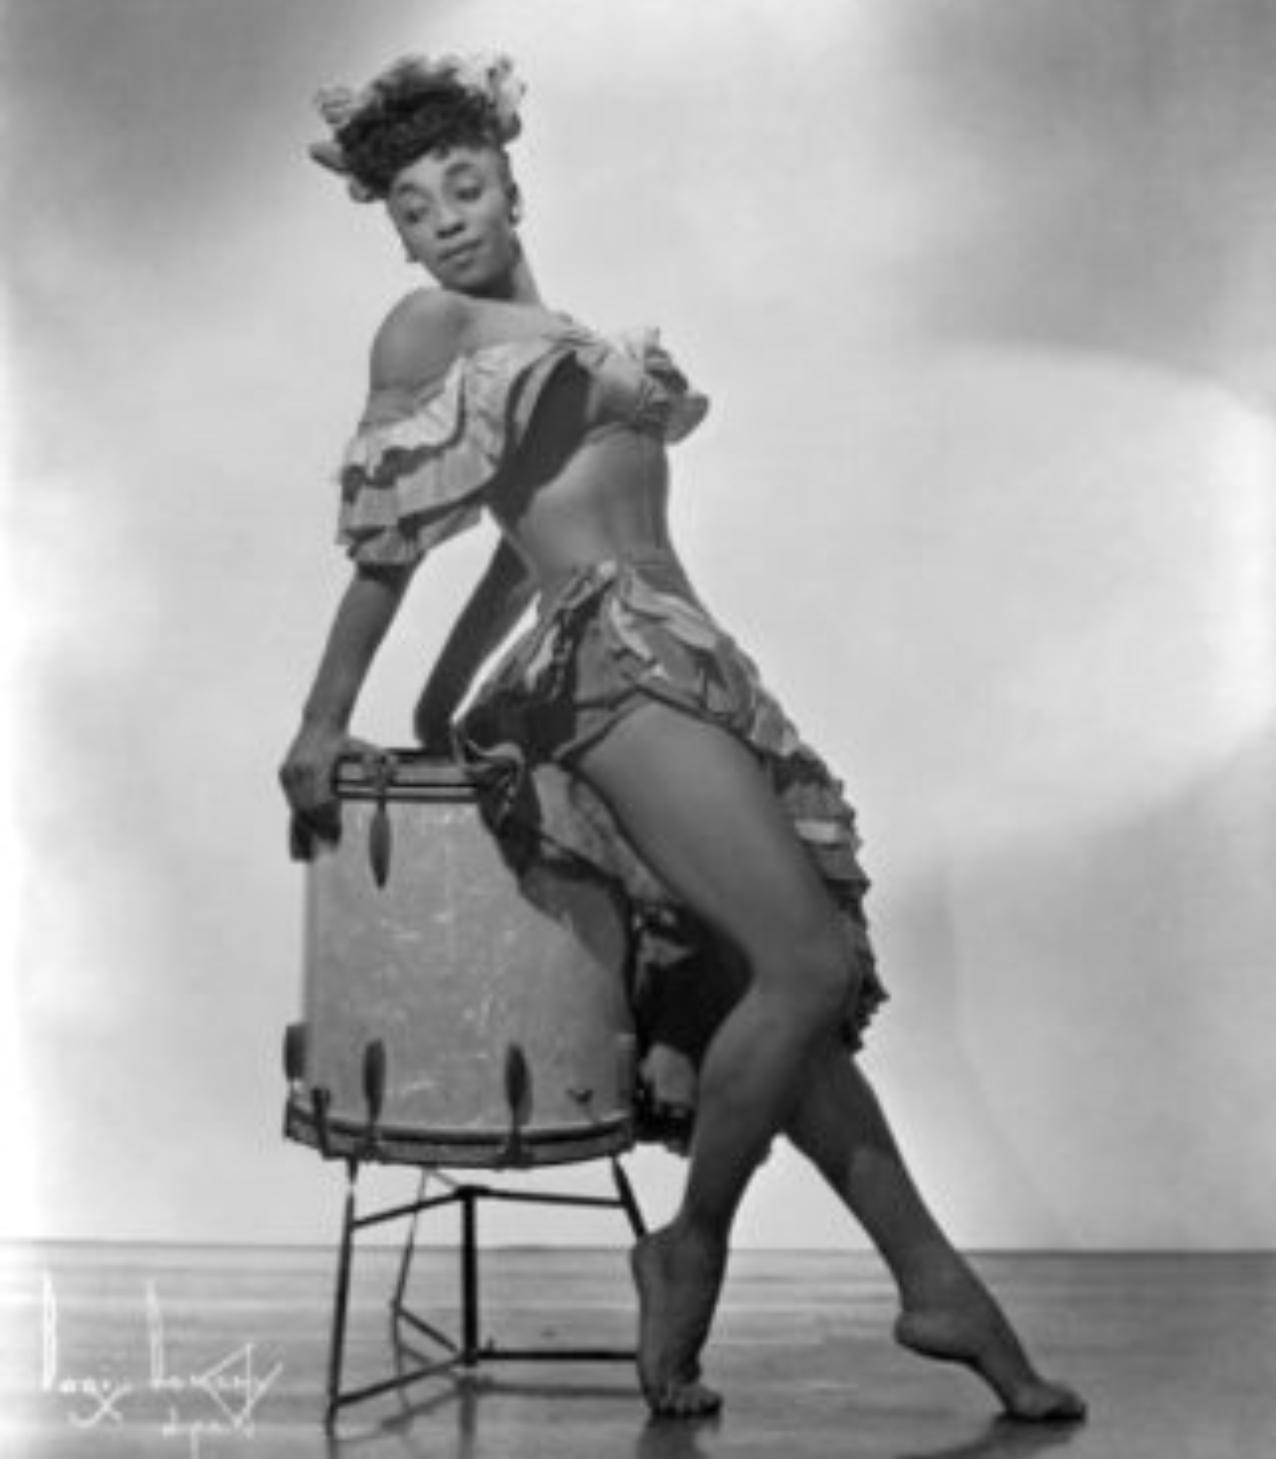 Norma Miller Jiveswing.com